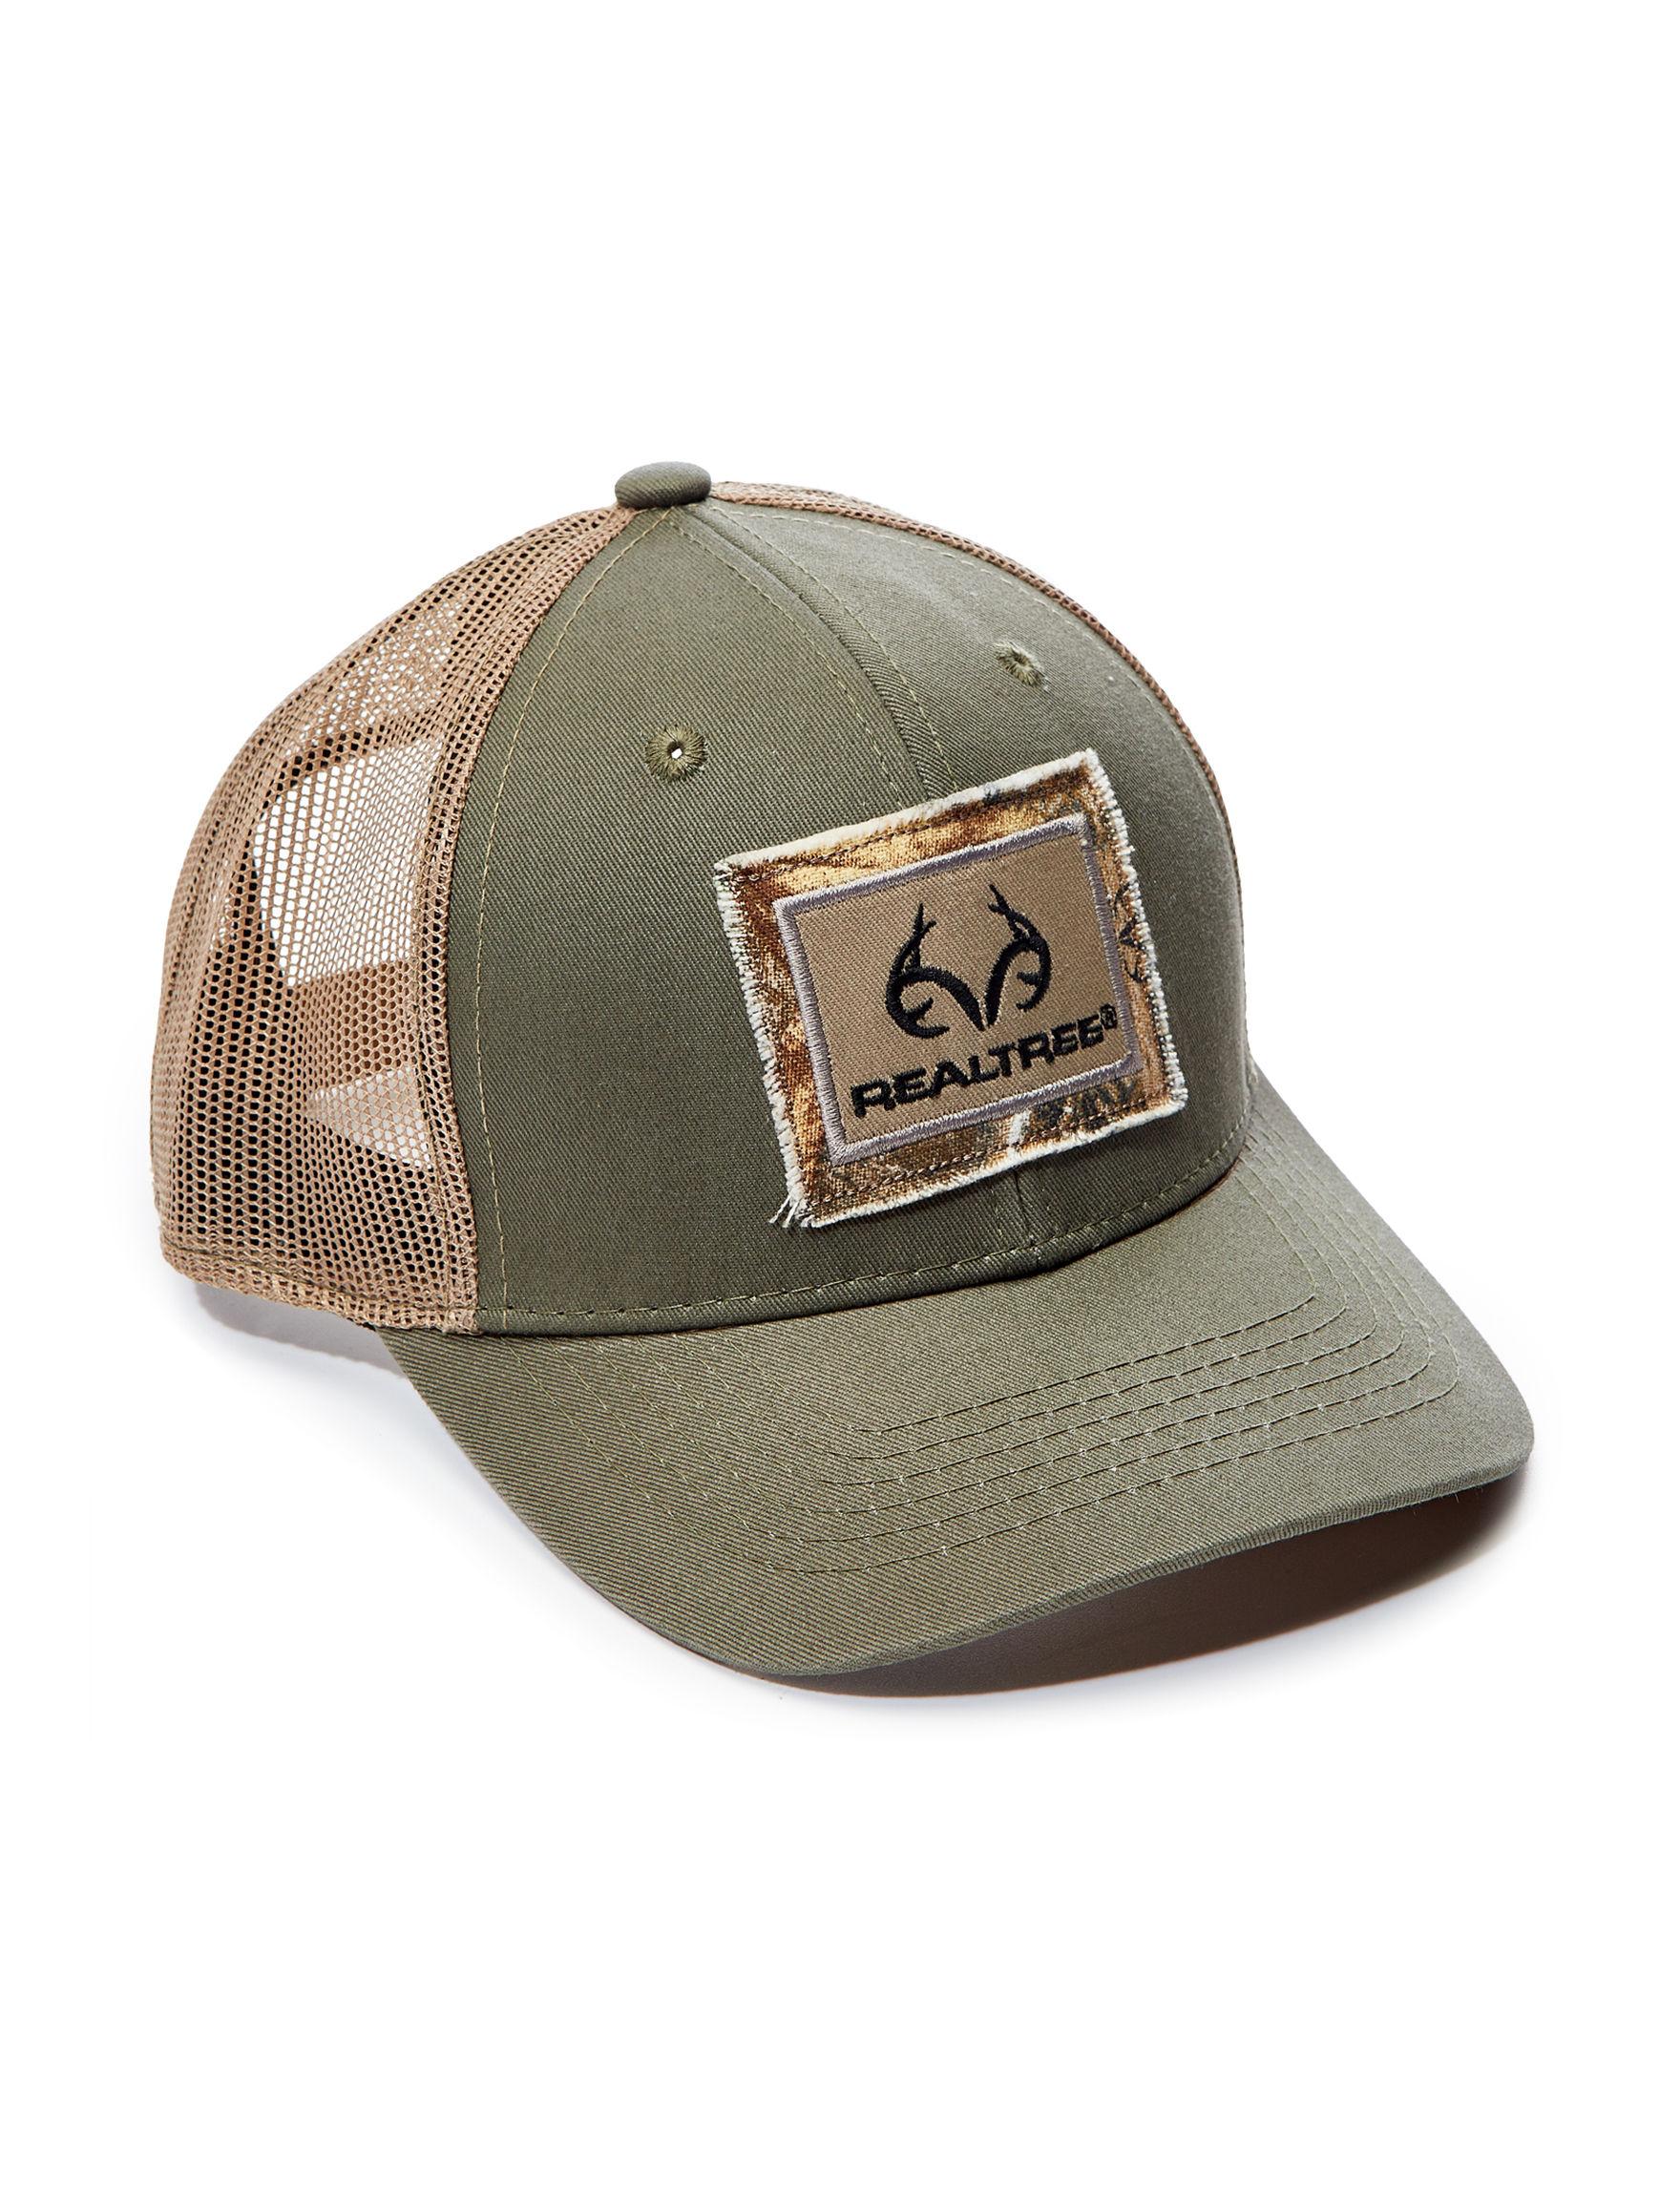 Realtree Olive Hats & Headwear